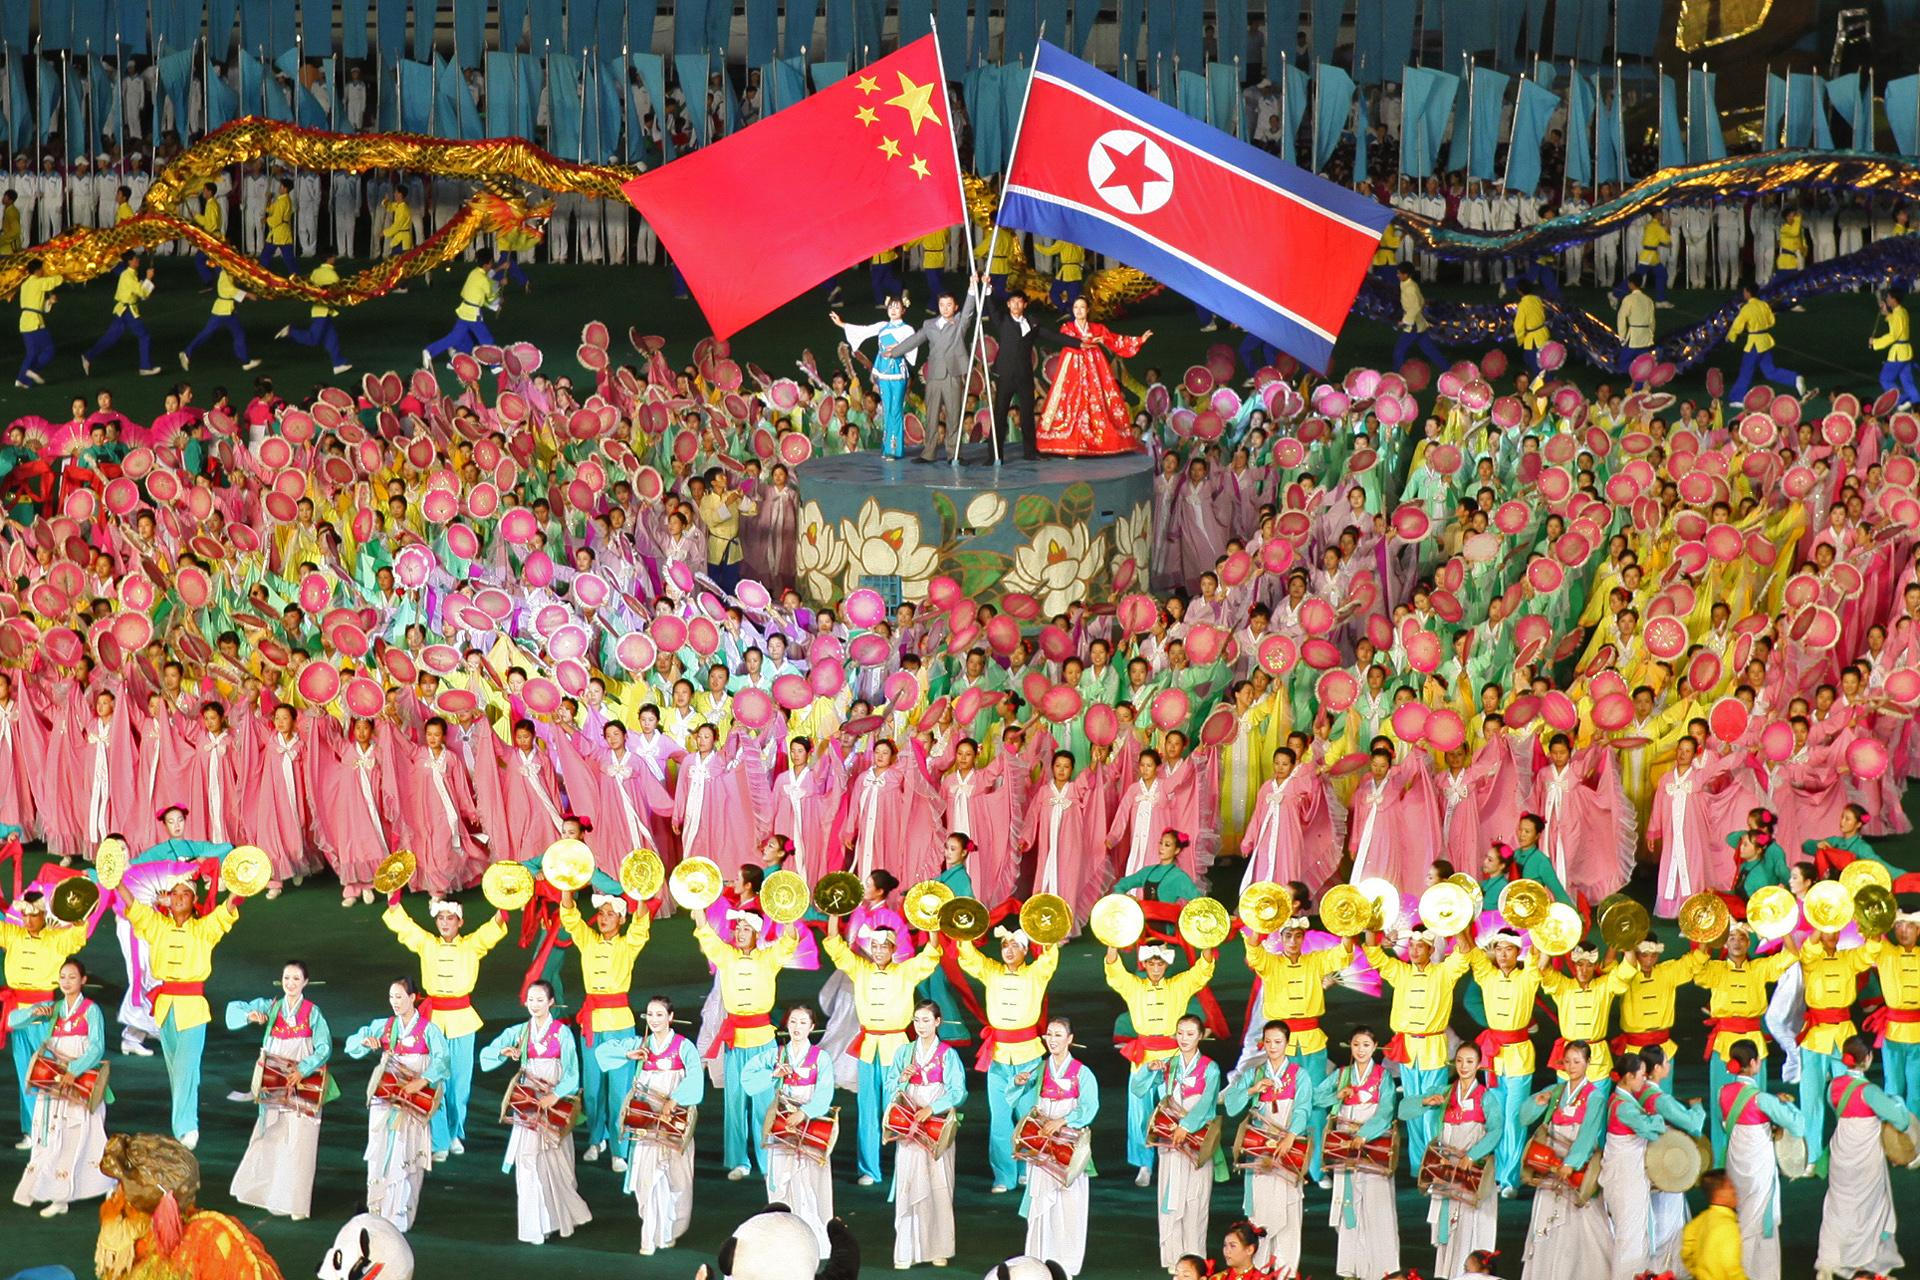 Căn cứ vào một bản báo cáo không công khai của LHQ, Trung Quốc đang hỗ trợ Triều Tiên tránh khỏi các chế tài. (Ảnh: Wikipedia)